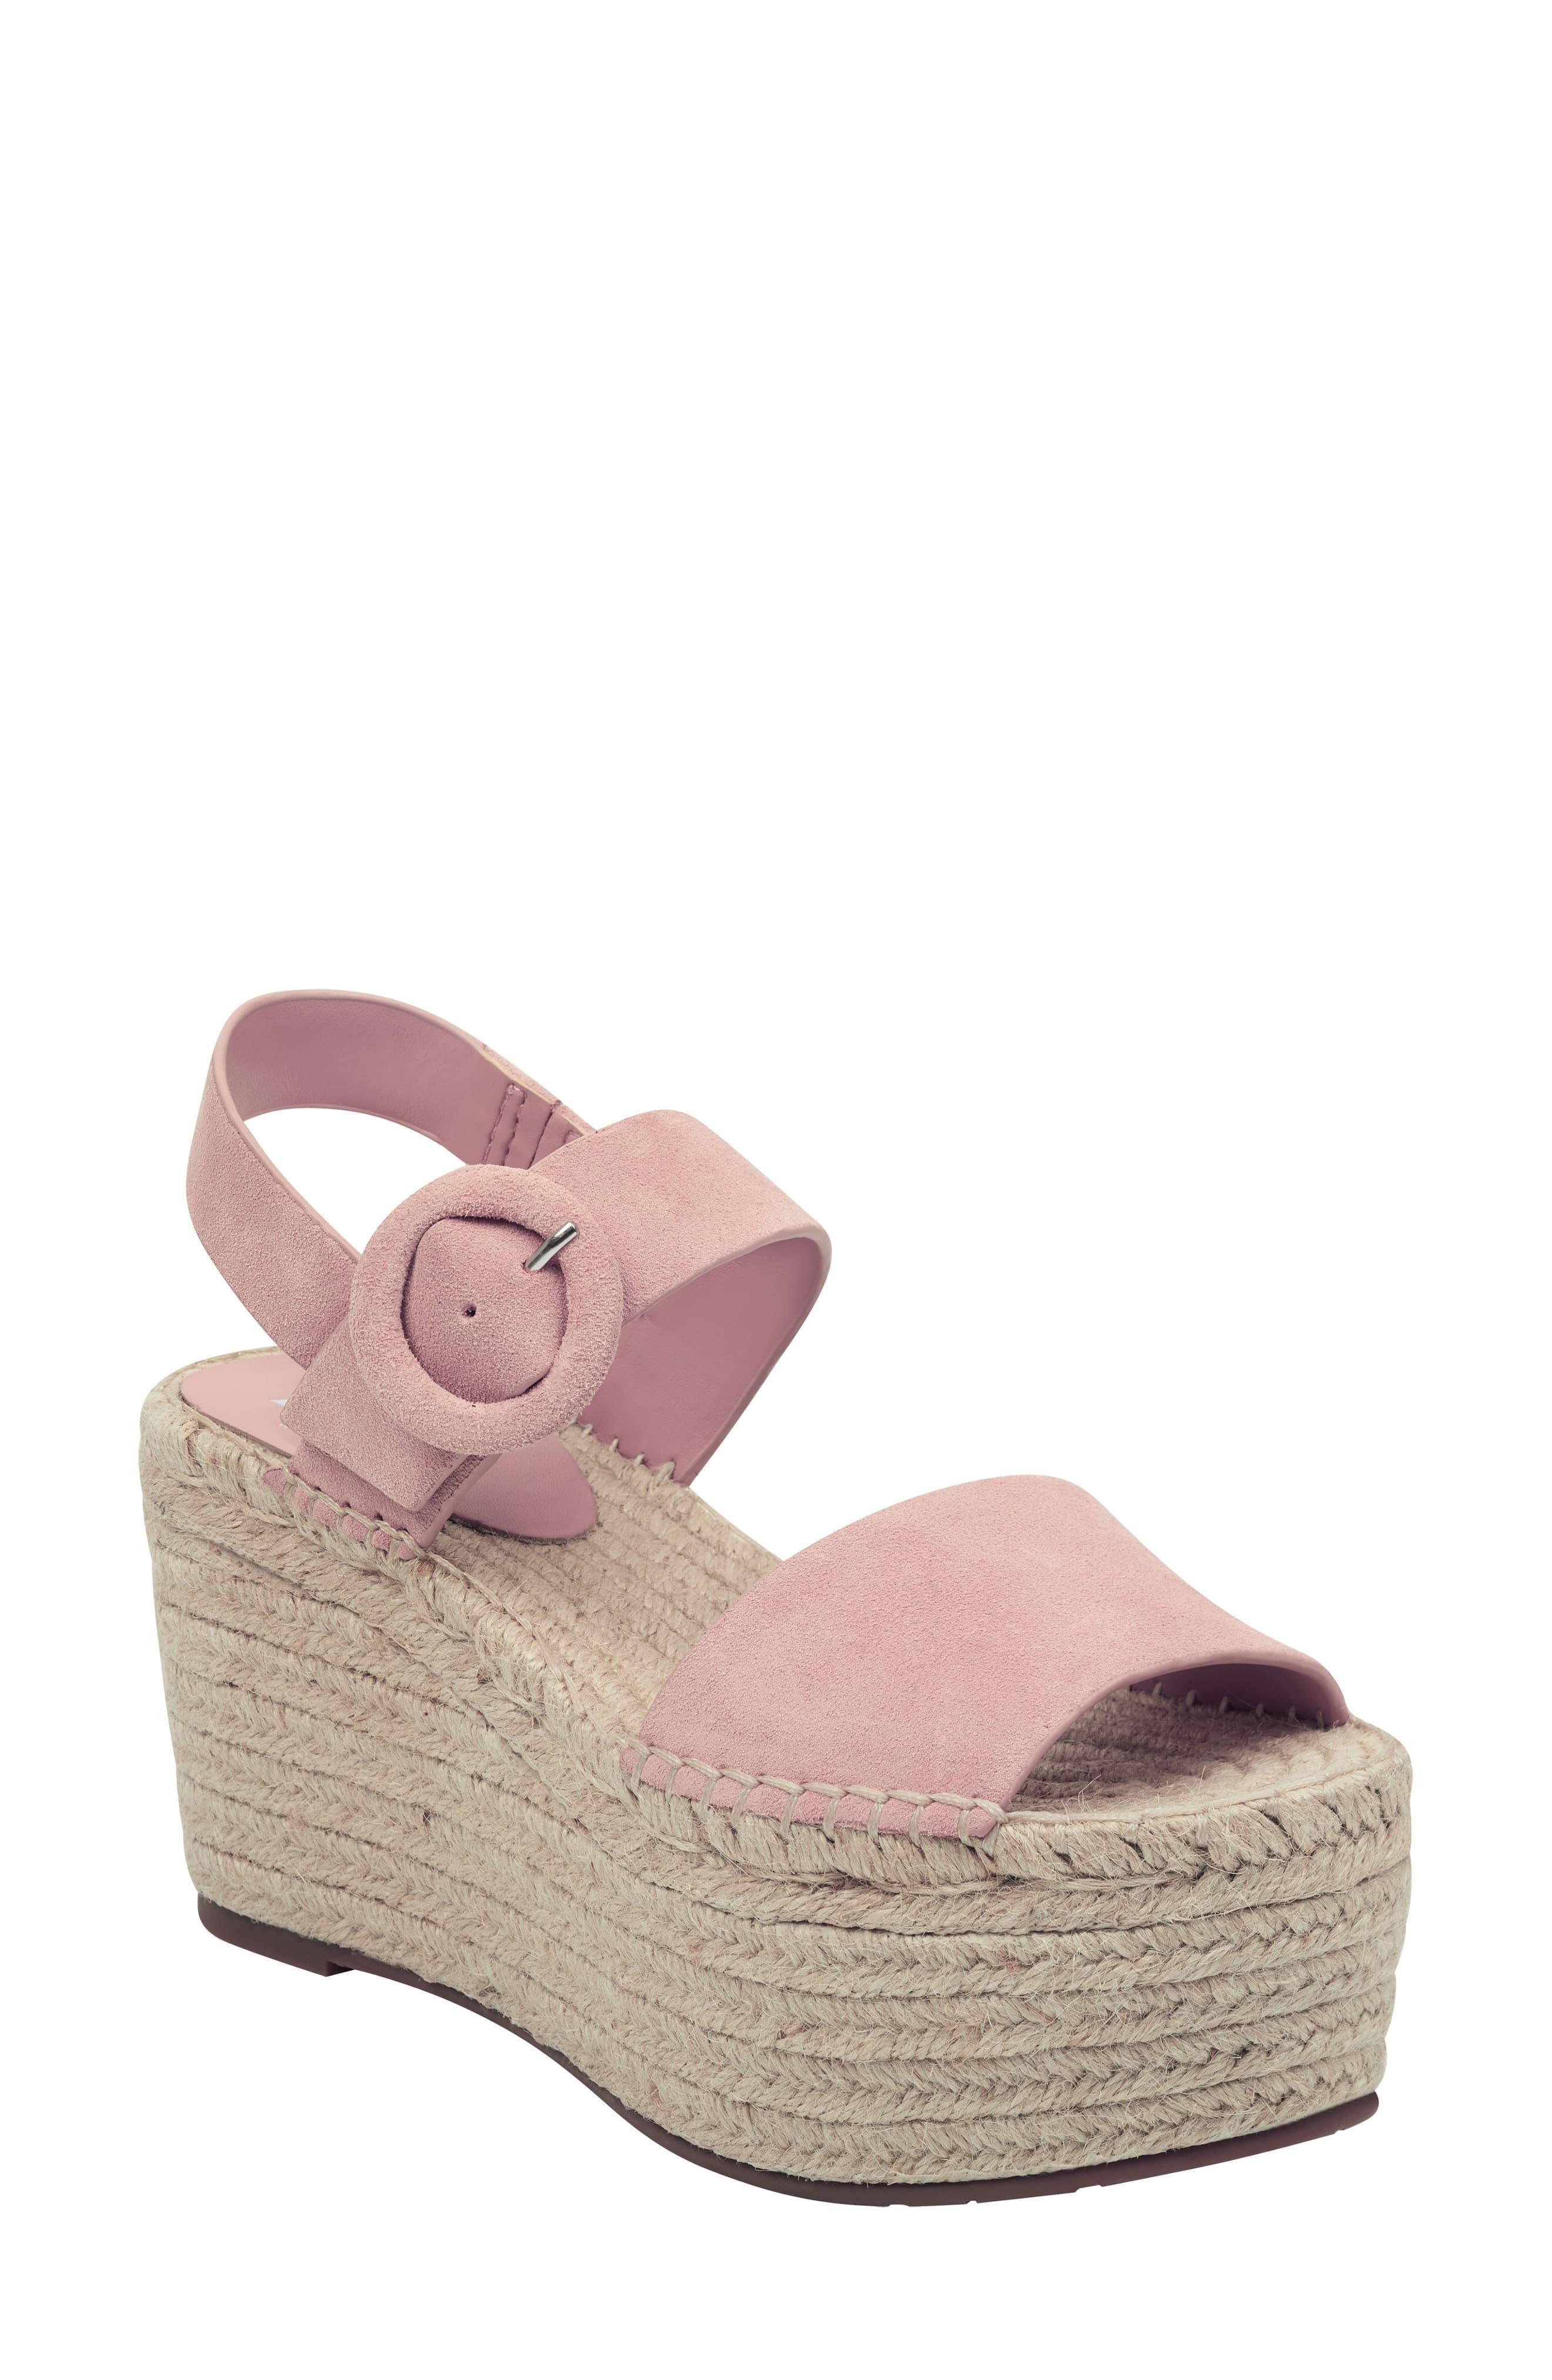 f7075c8d518 Marc Fisher Rex Platform Sandal in Pink - Lyst